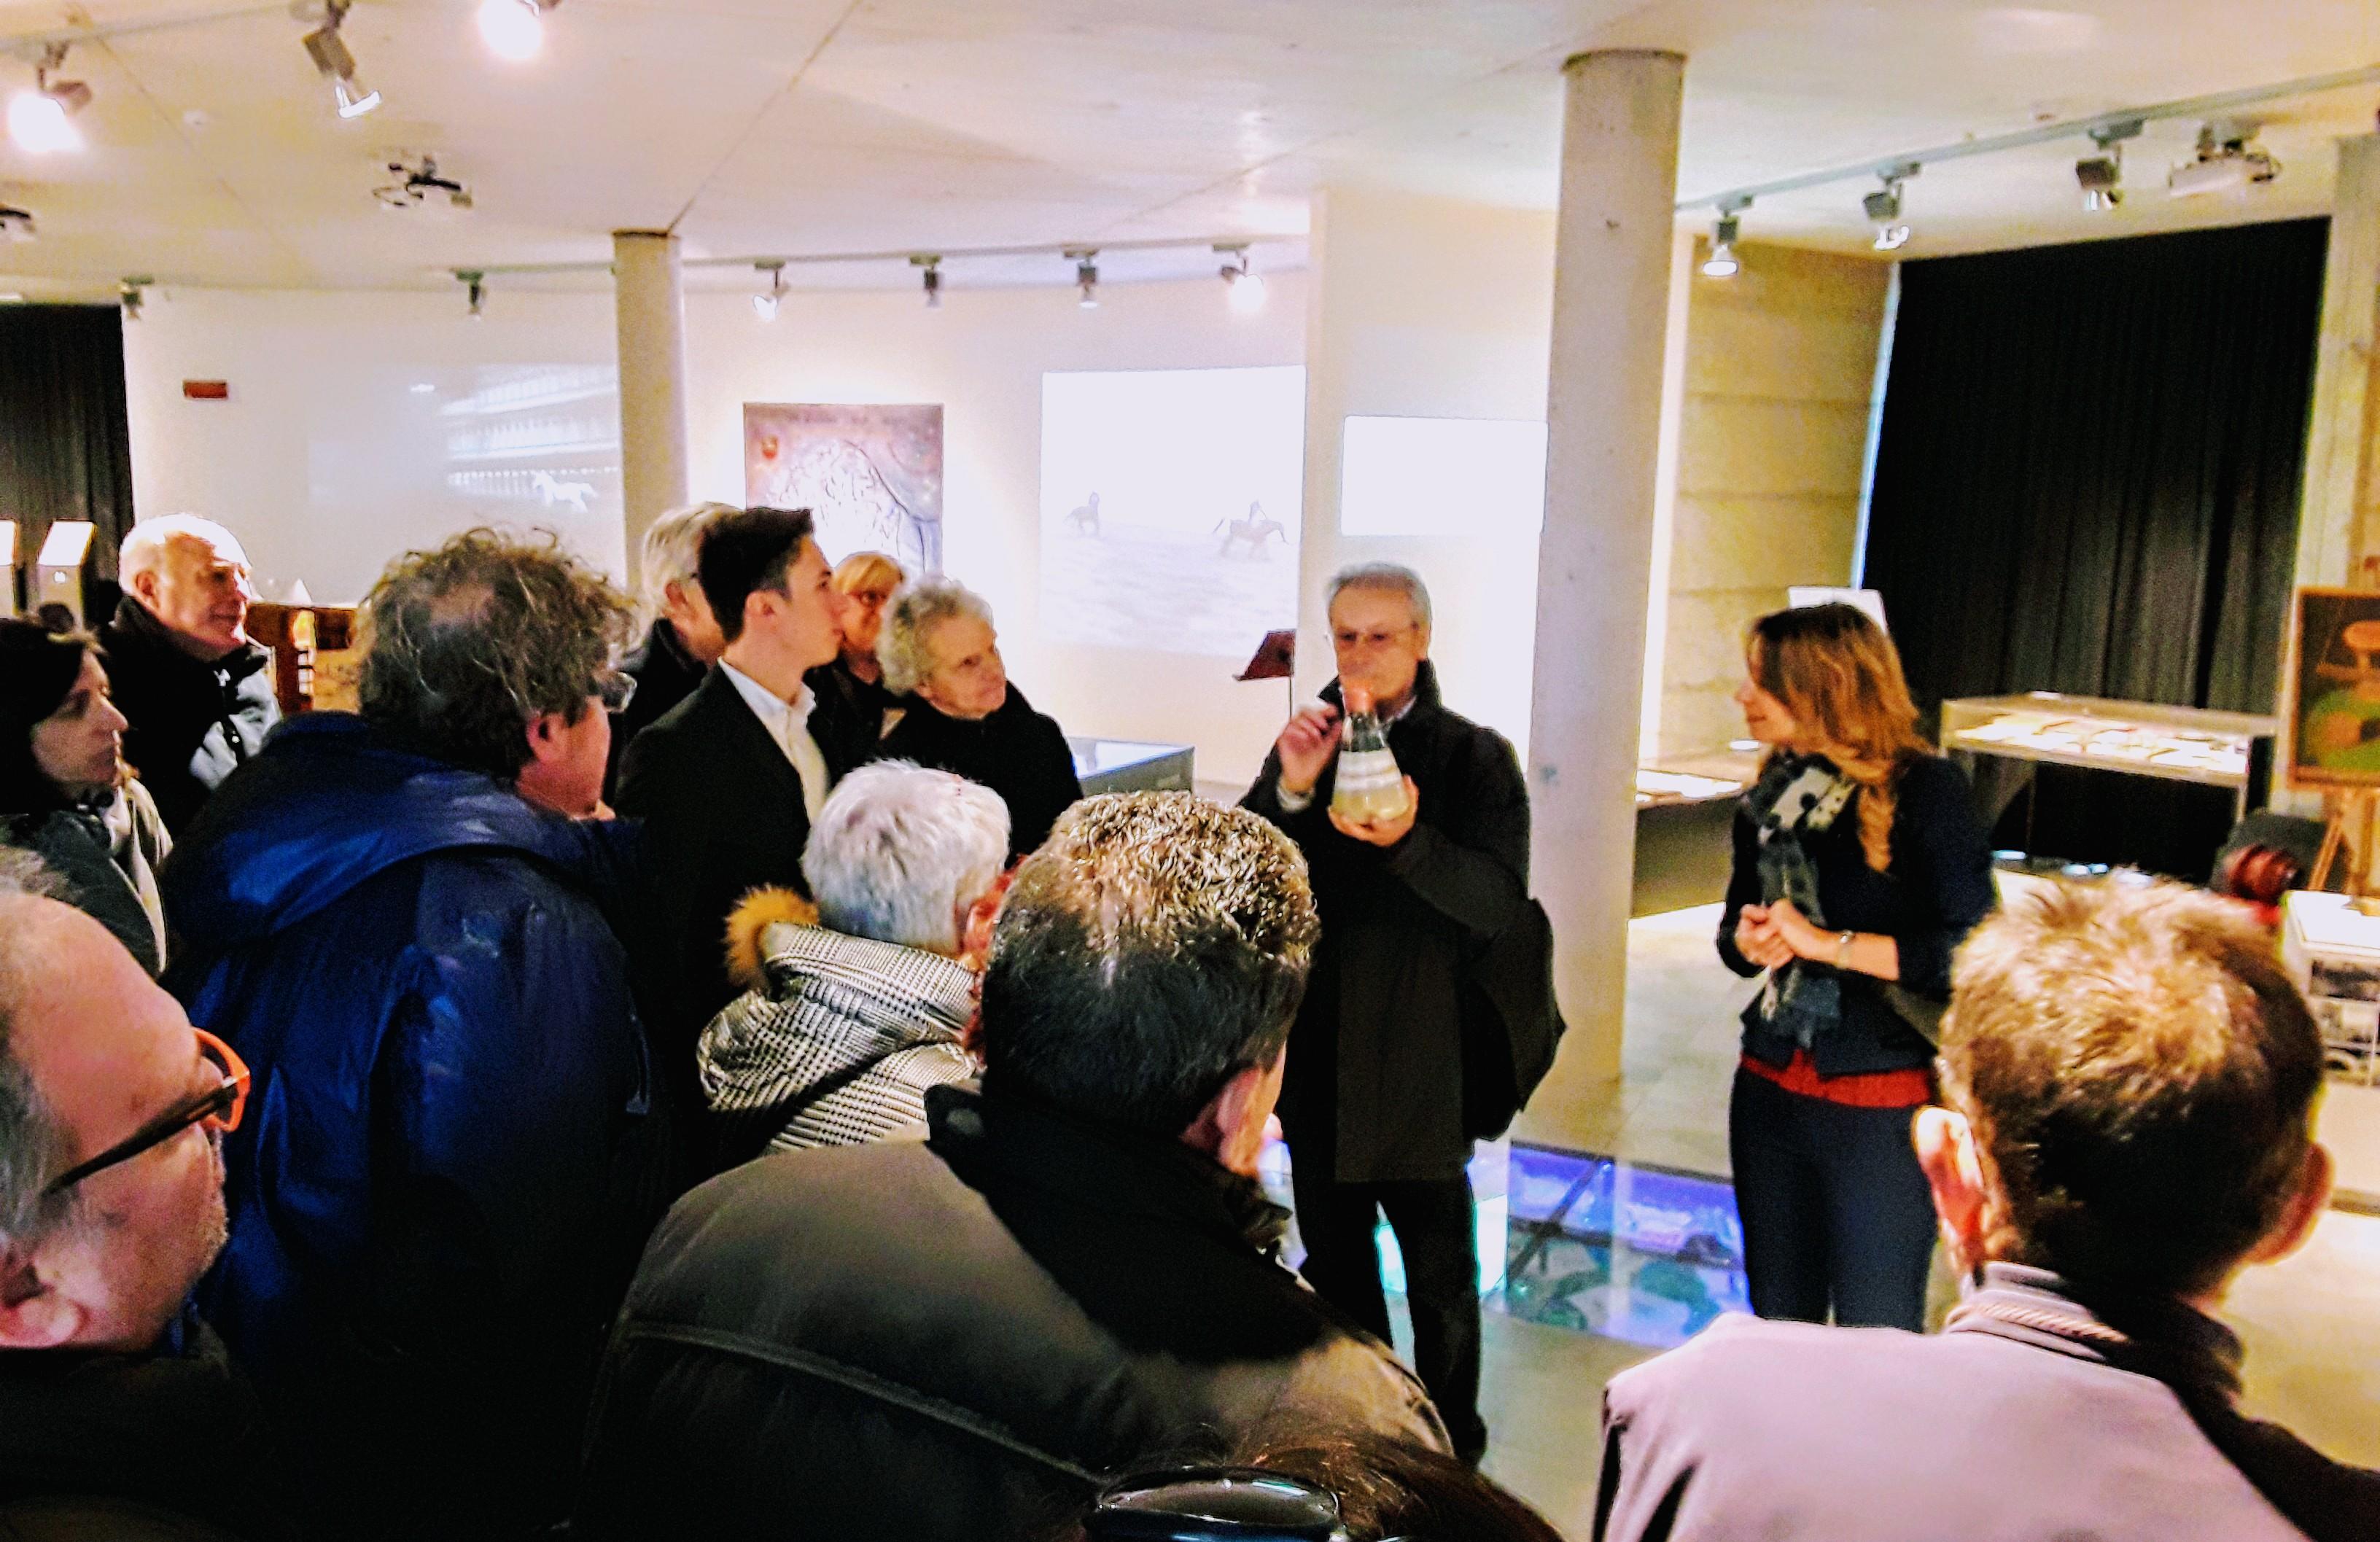 07 VHT Marghera forever 21 marzo 2019 - Venezia Heritage Tower Alfabeto di Marghera per lo Sviluppo Sostenibile